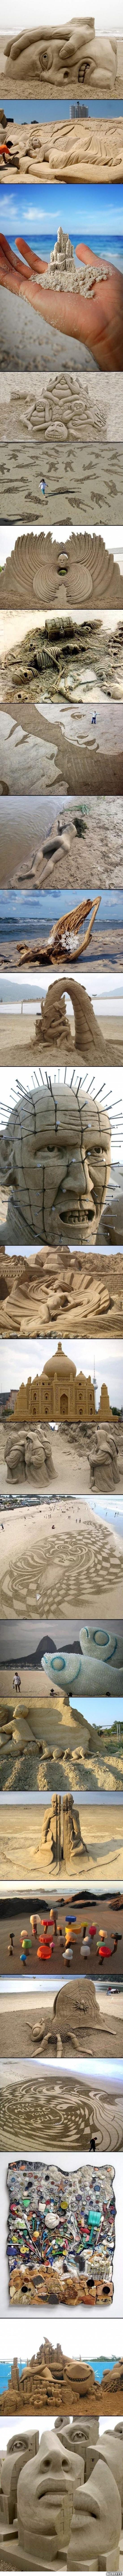 Unglaubliche Sandskulpturen | DEBESTE.de, Lustige Bilder, Sprüche, Witze und Videos